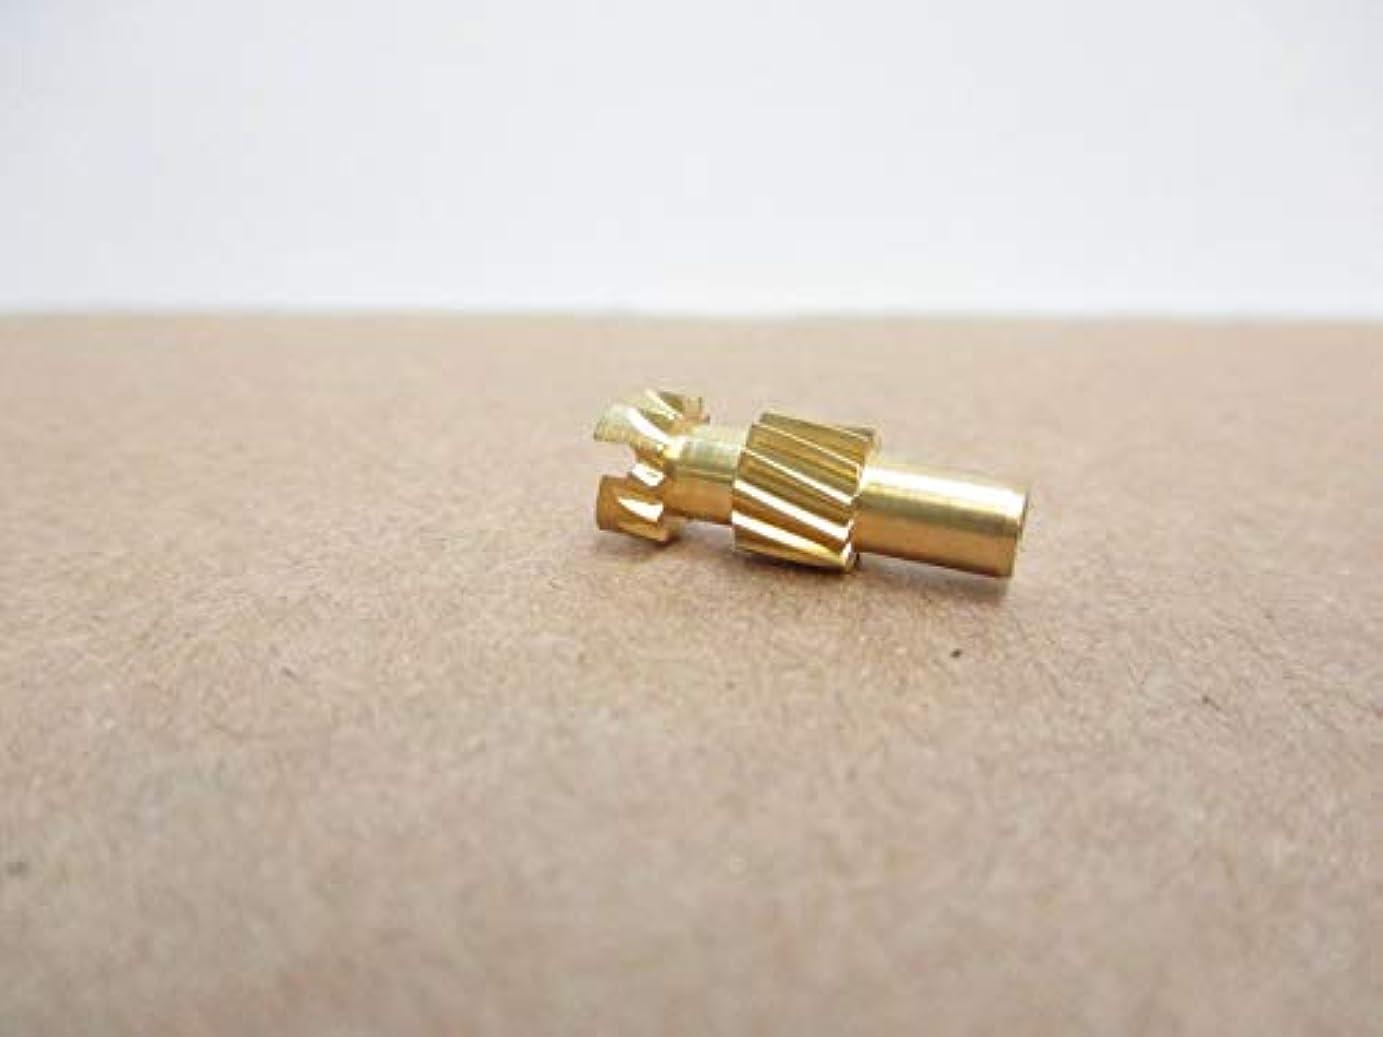 苦味調和のとれたエッセンスOKUMA スピニングリールパーツ 47020065 AK-400 ピニオンギア